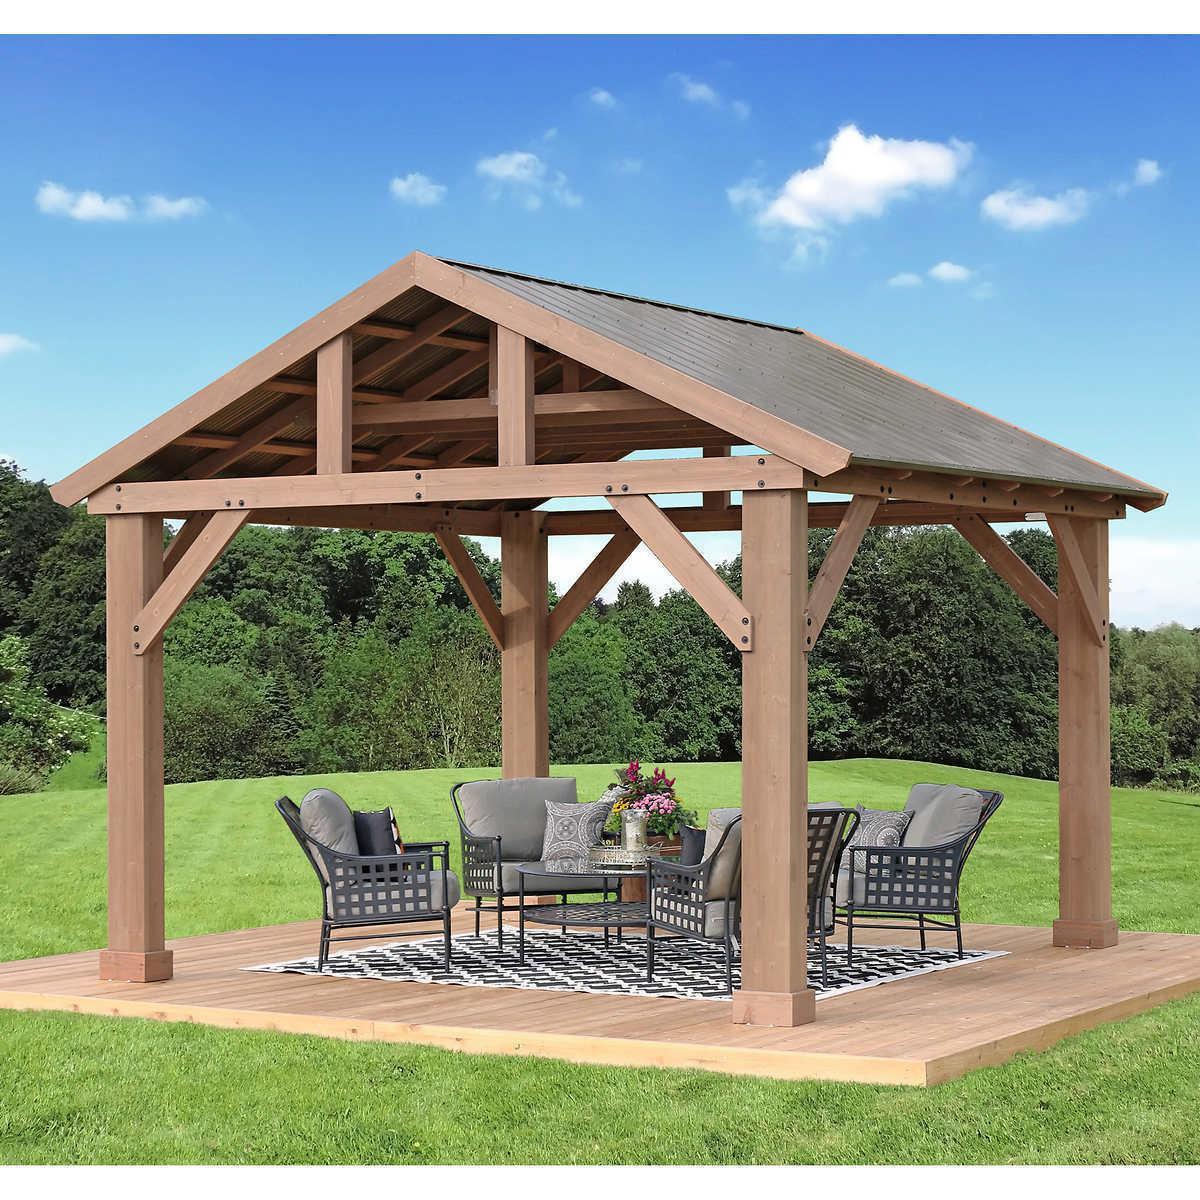 14 x 12 cedar pavilion with aluminum